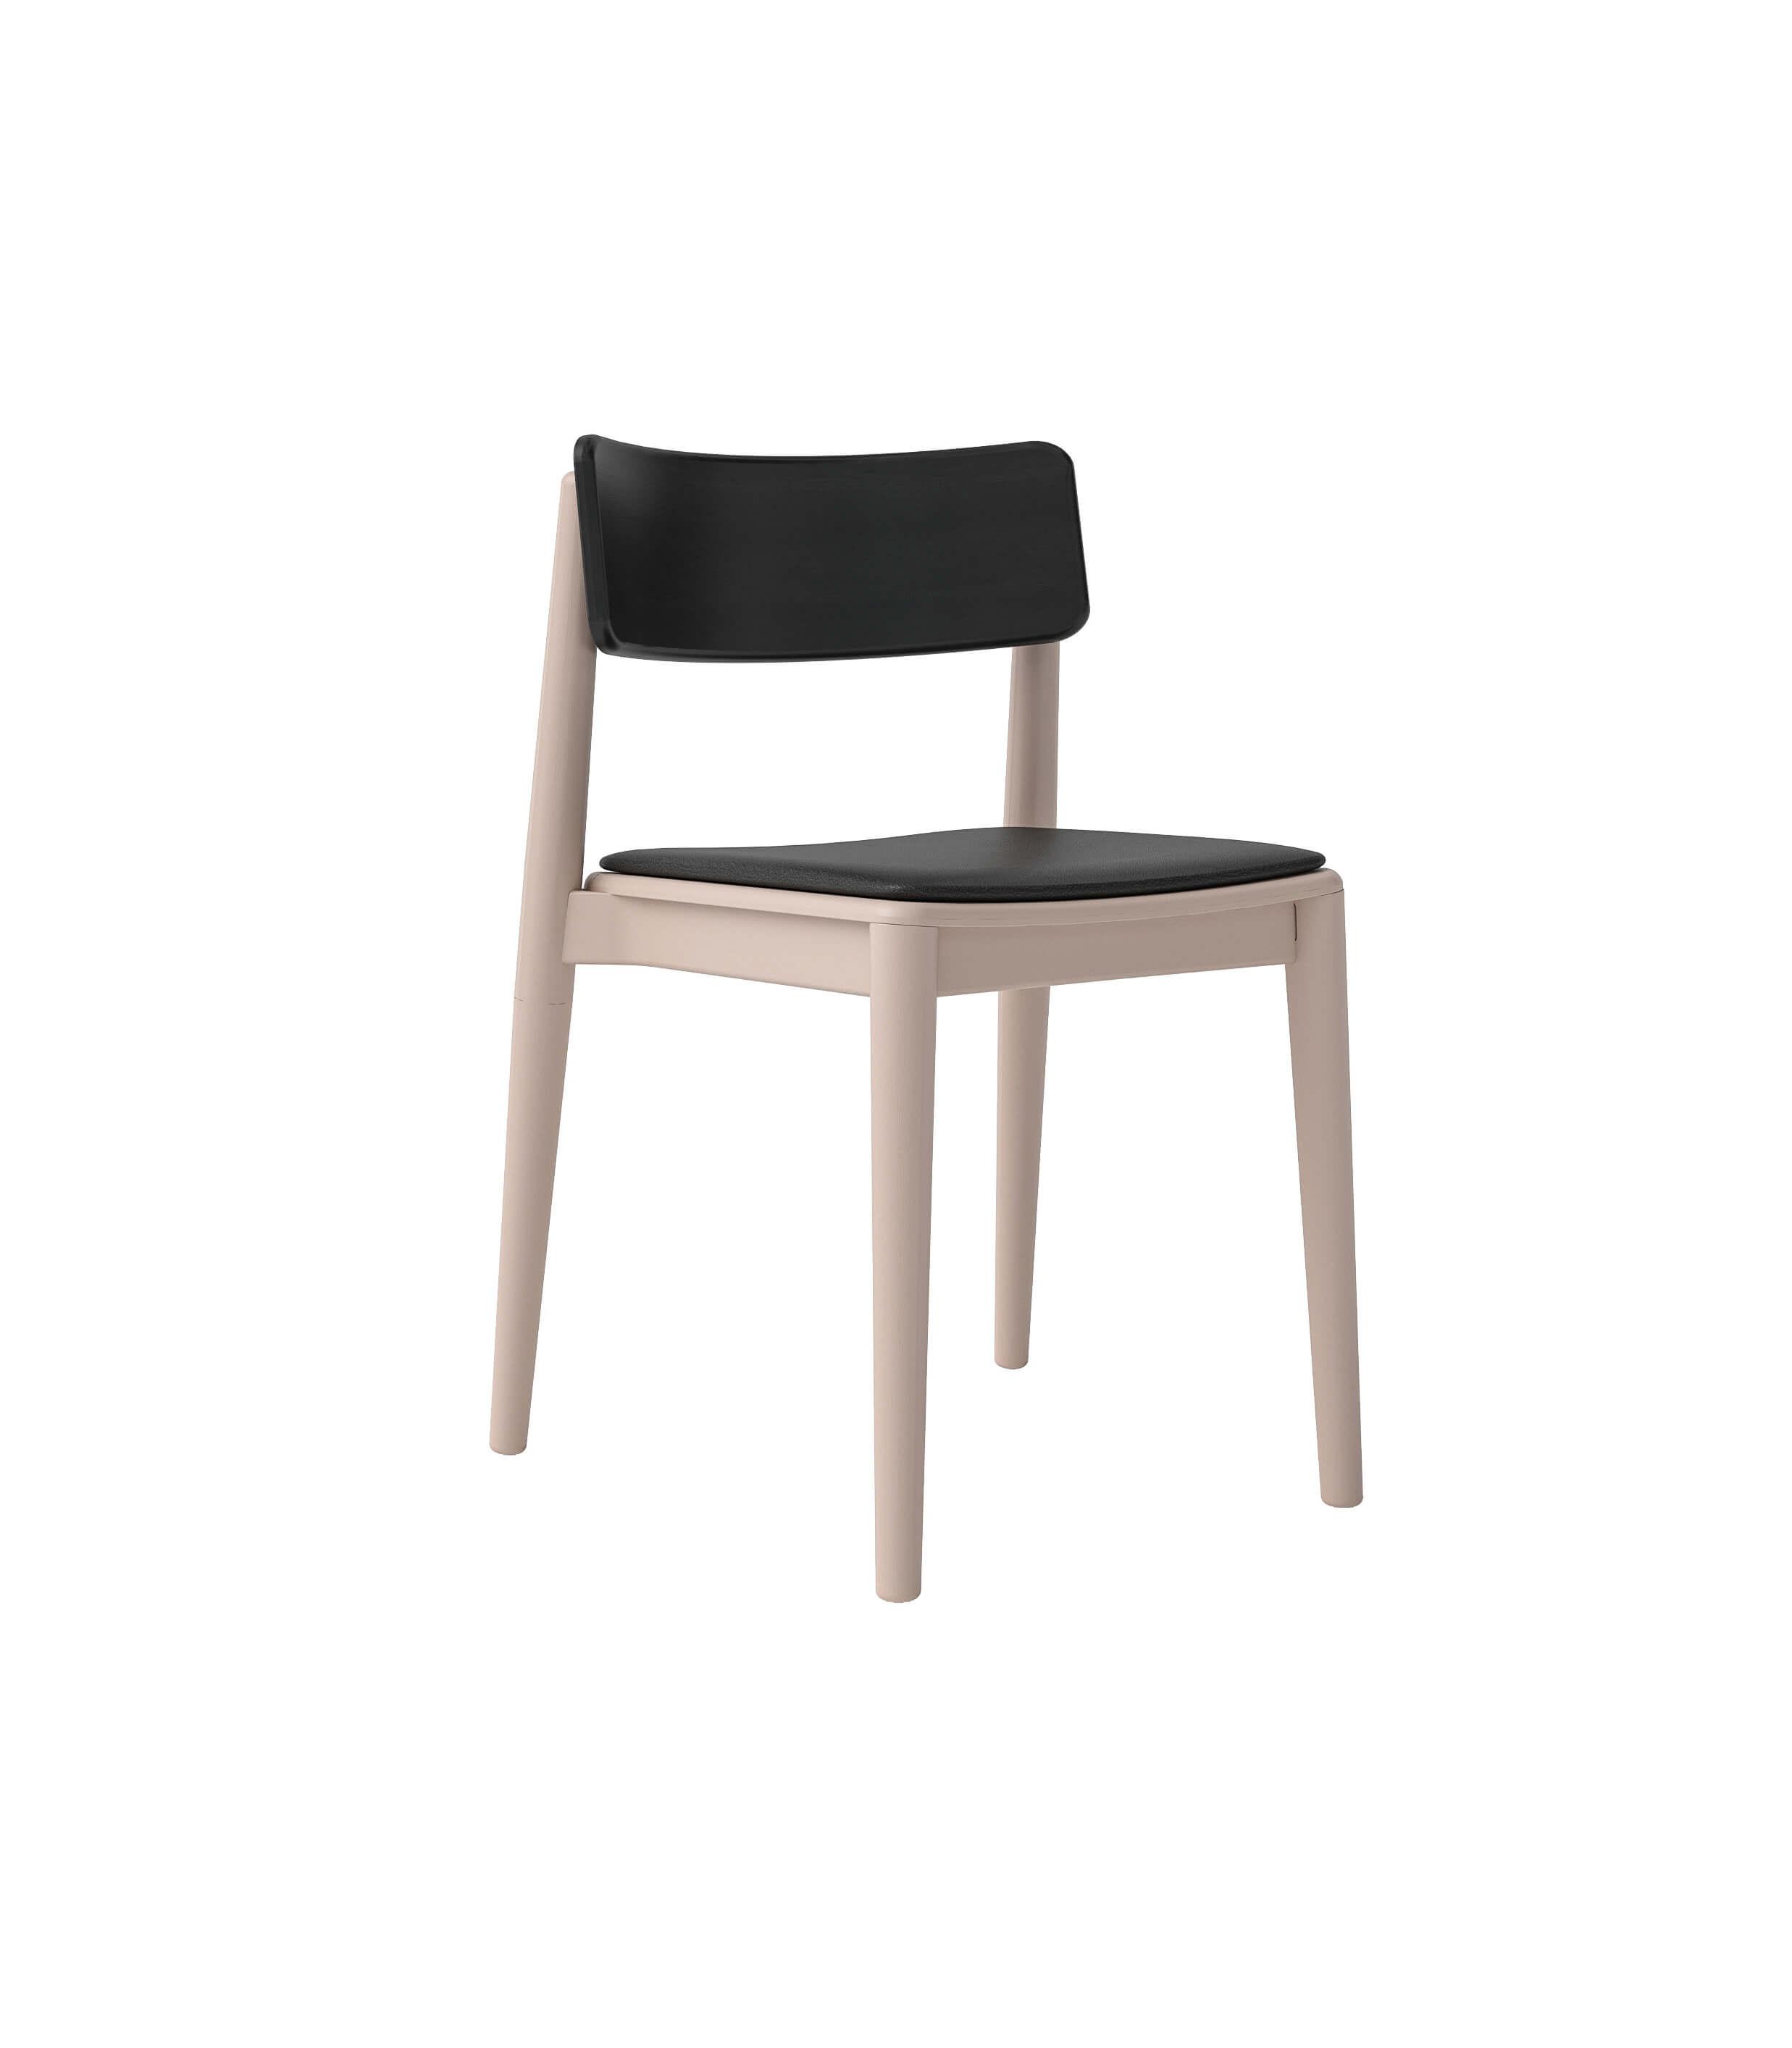 krzesło dębowe w stylu skandynawskim